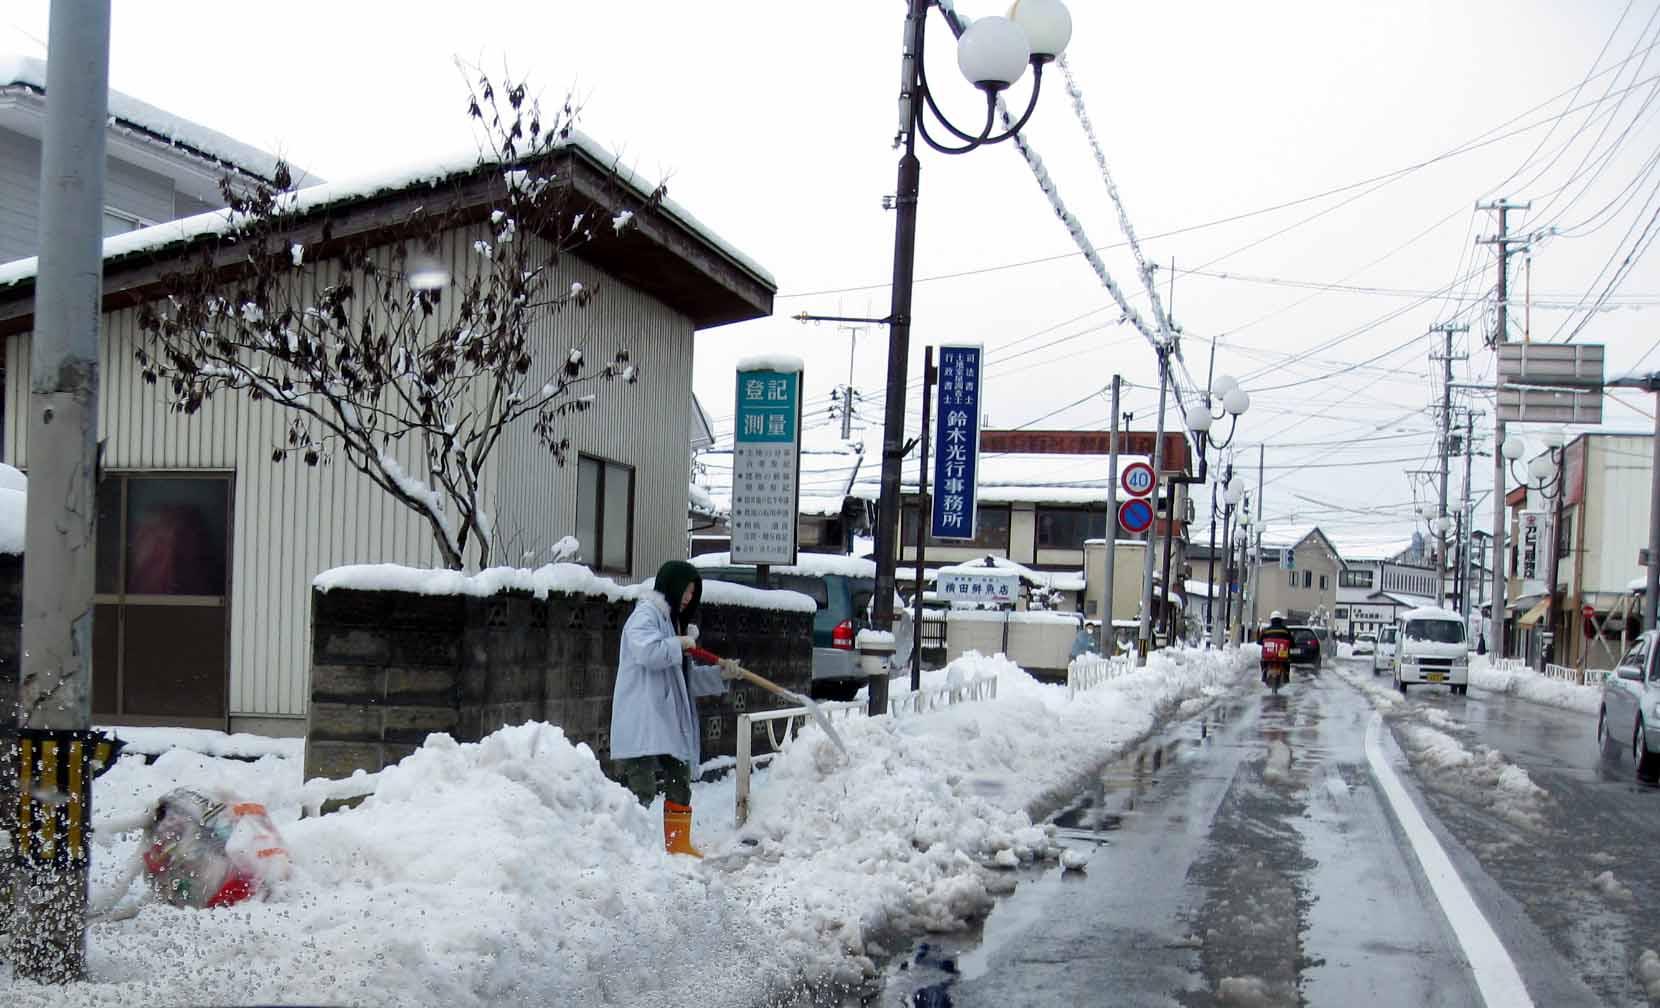 古澤酒造株式会社 » しばらくぶりに雪景色になりました。